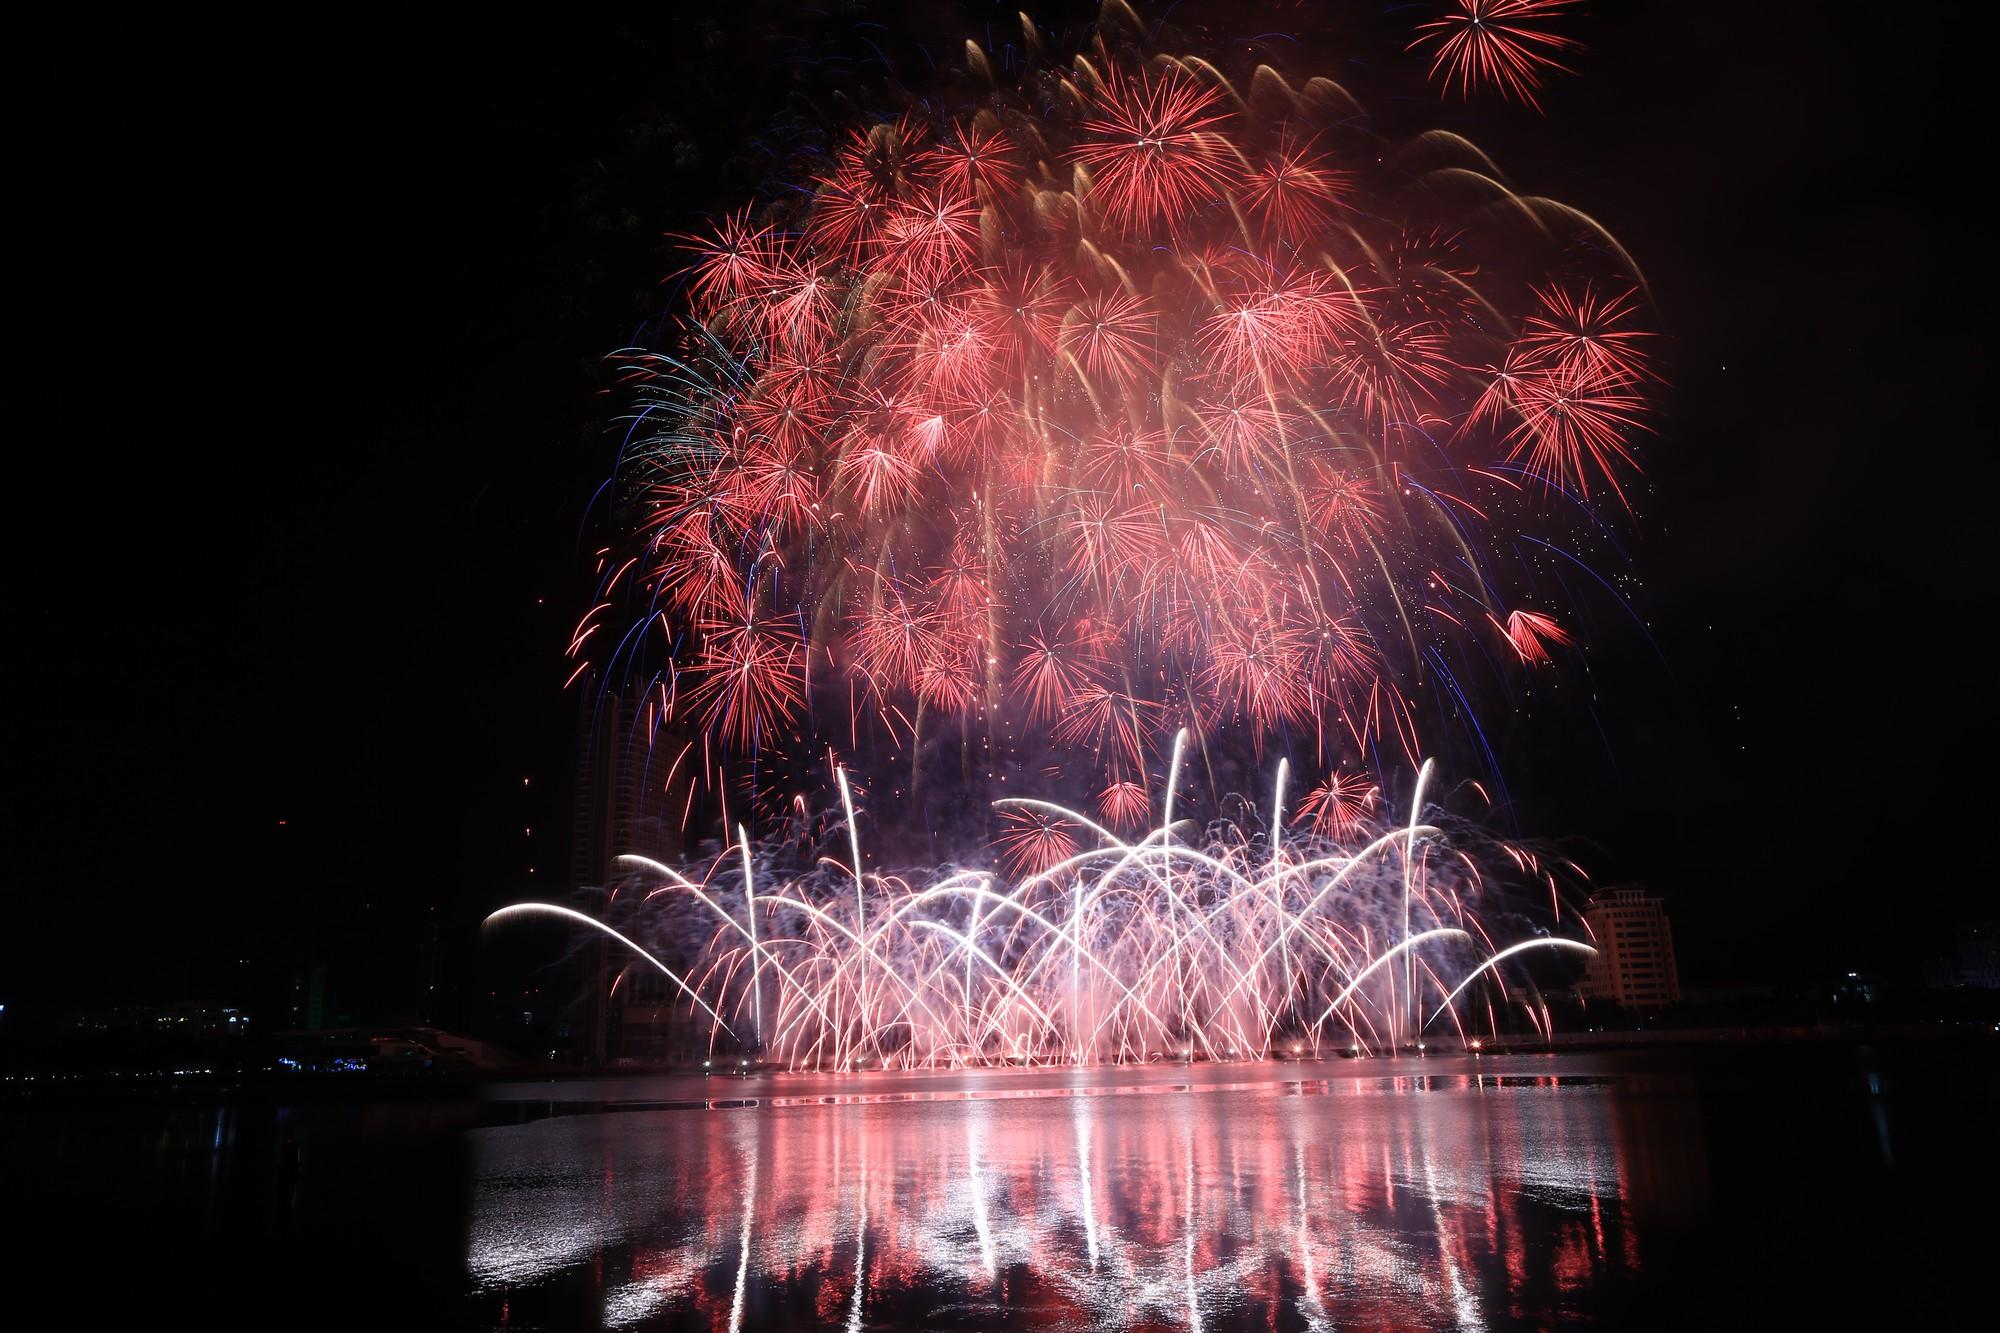 Brasil và Bỉ gửi thông điệp tình yêu bằng ánh sáng pháo hoa trên sông Hàn - Ảnh 4.